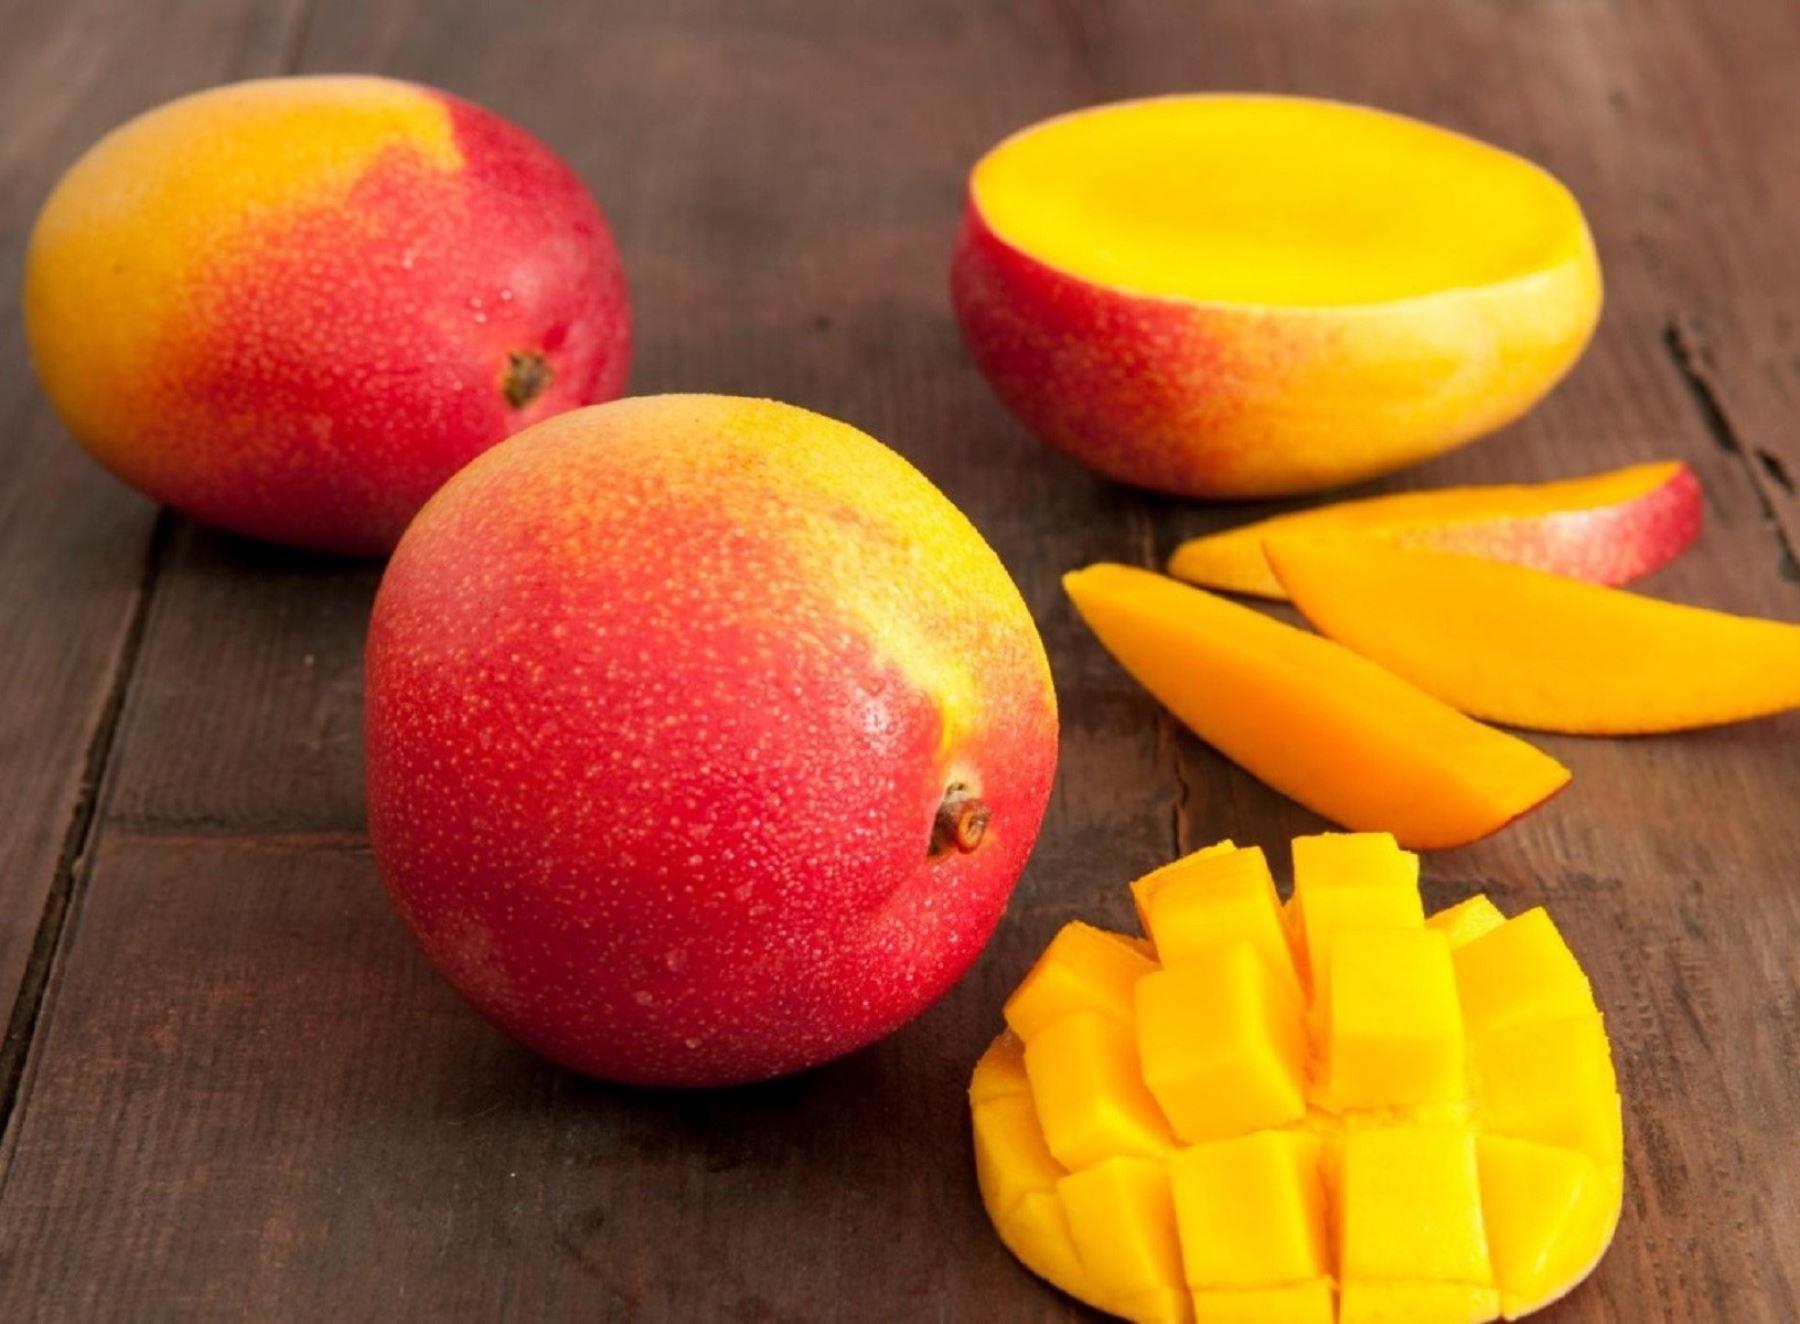 El mango destaca  por su alto contenido de vitaminas A y C y se cultiva principalmente en Piura. Foto: Cortesía Promperú